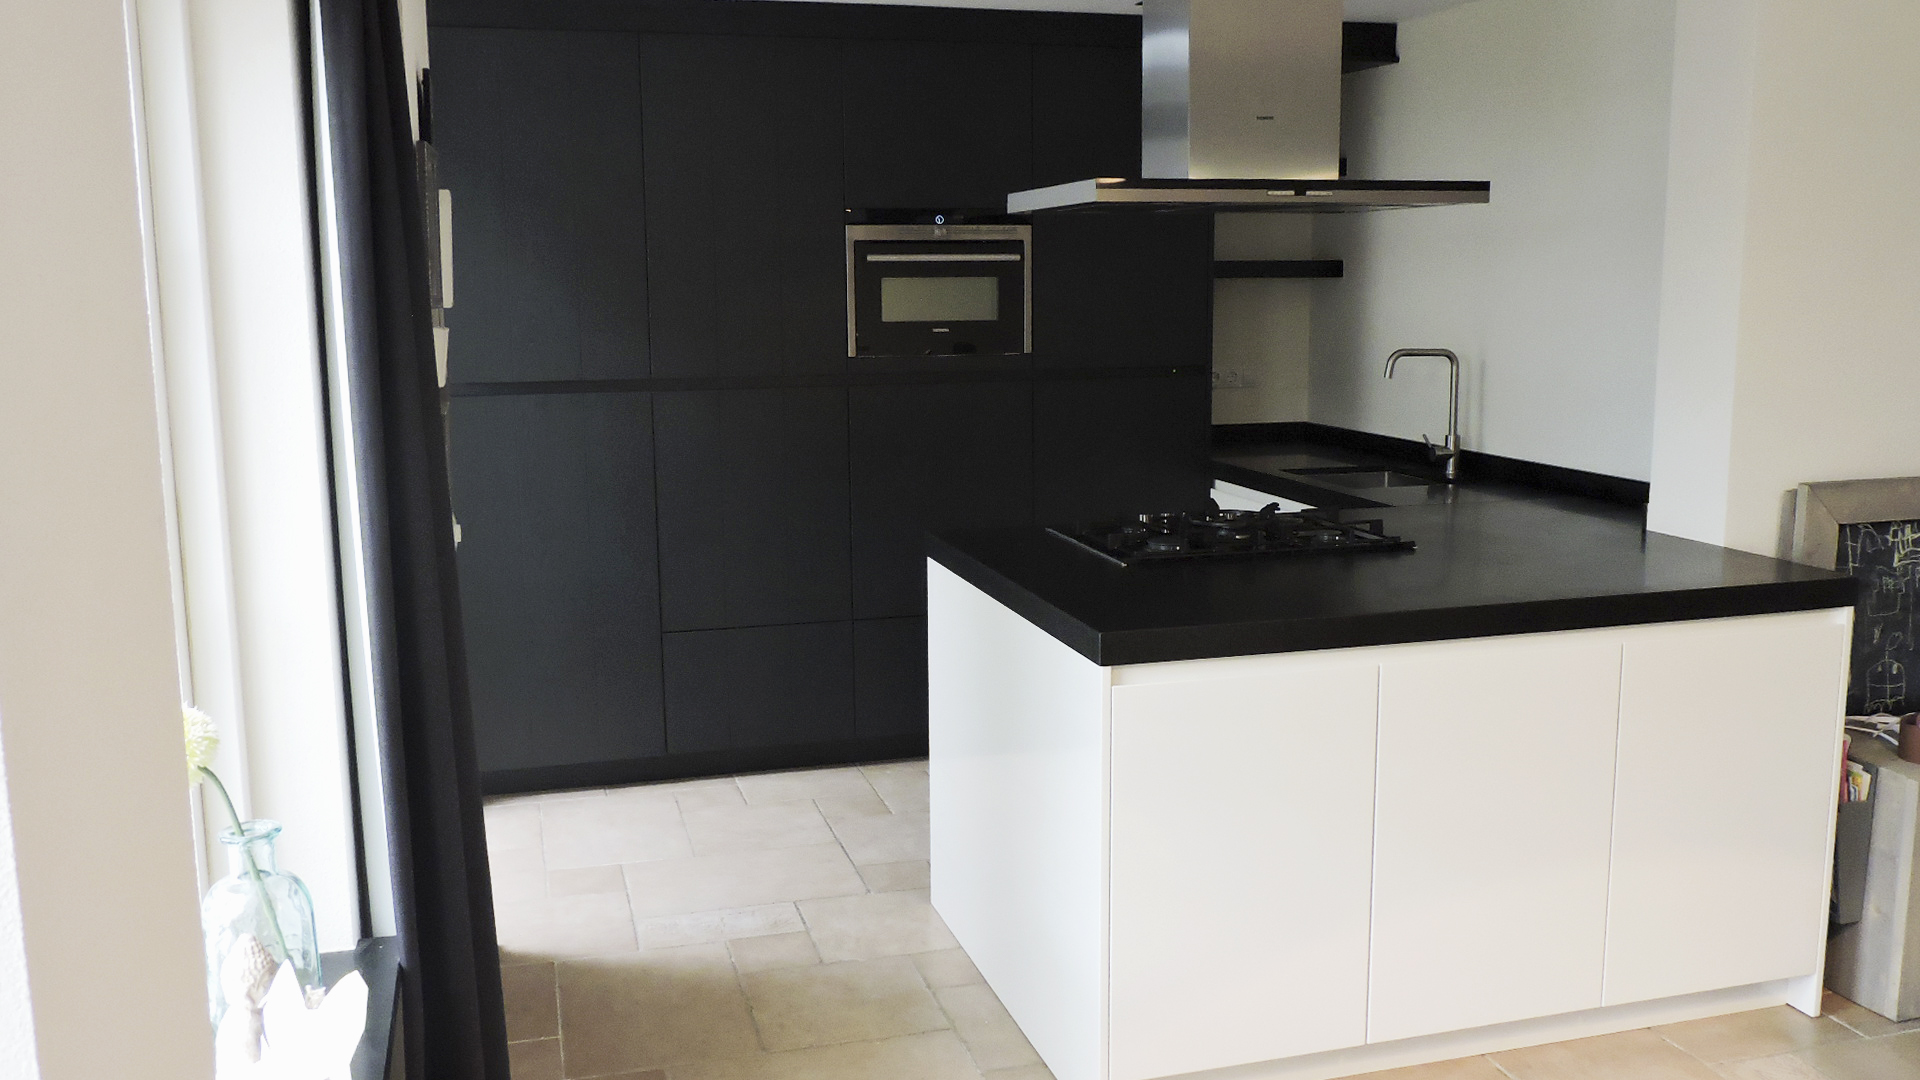 Keuken Zwart Wit : moderne-keuken-zwart-wit-strak-van-doren-maatinterieurs-nederweert-2